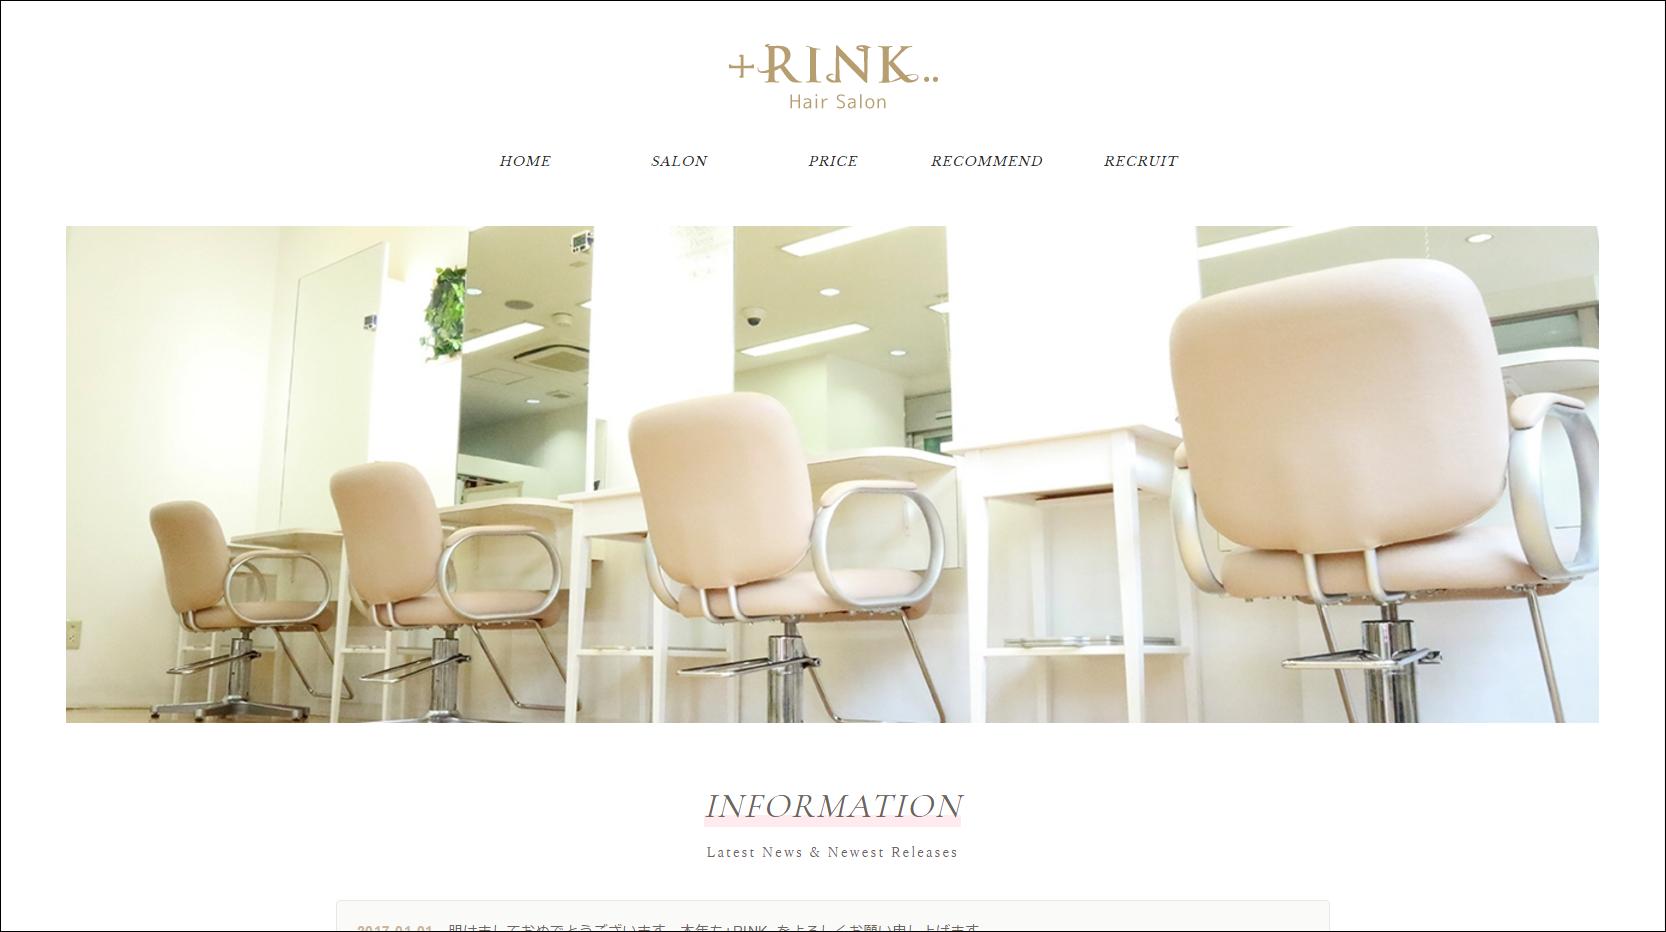 ホームページ制作実績『美容室・美容院』【+RINK..(プラスリンク)】様